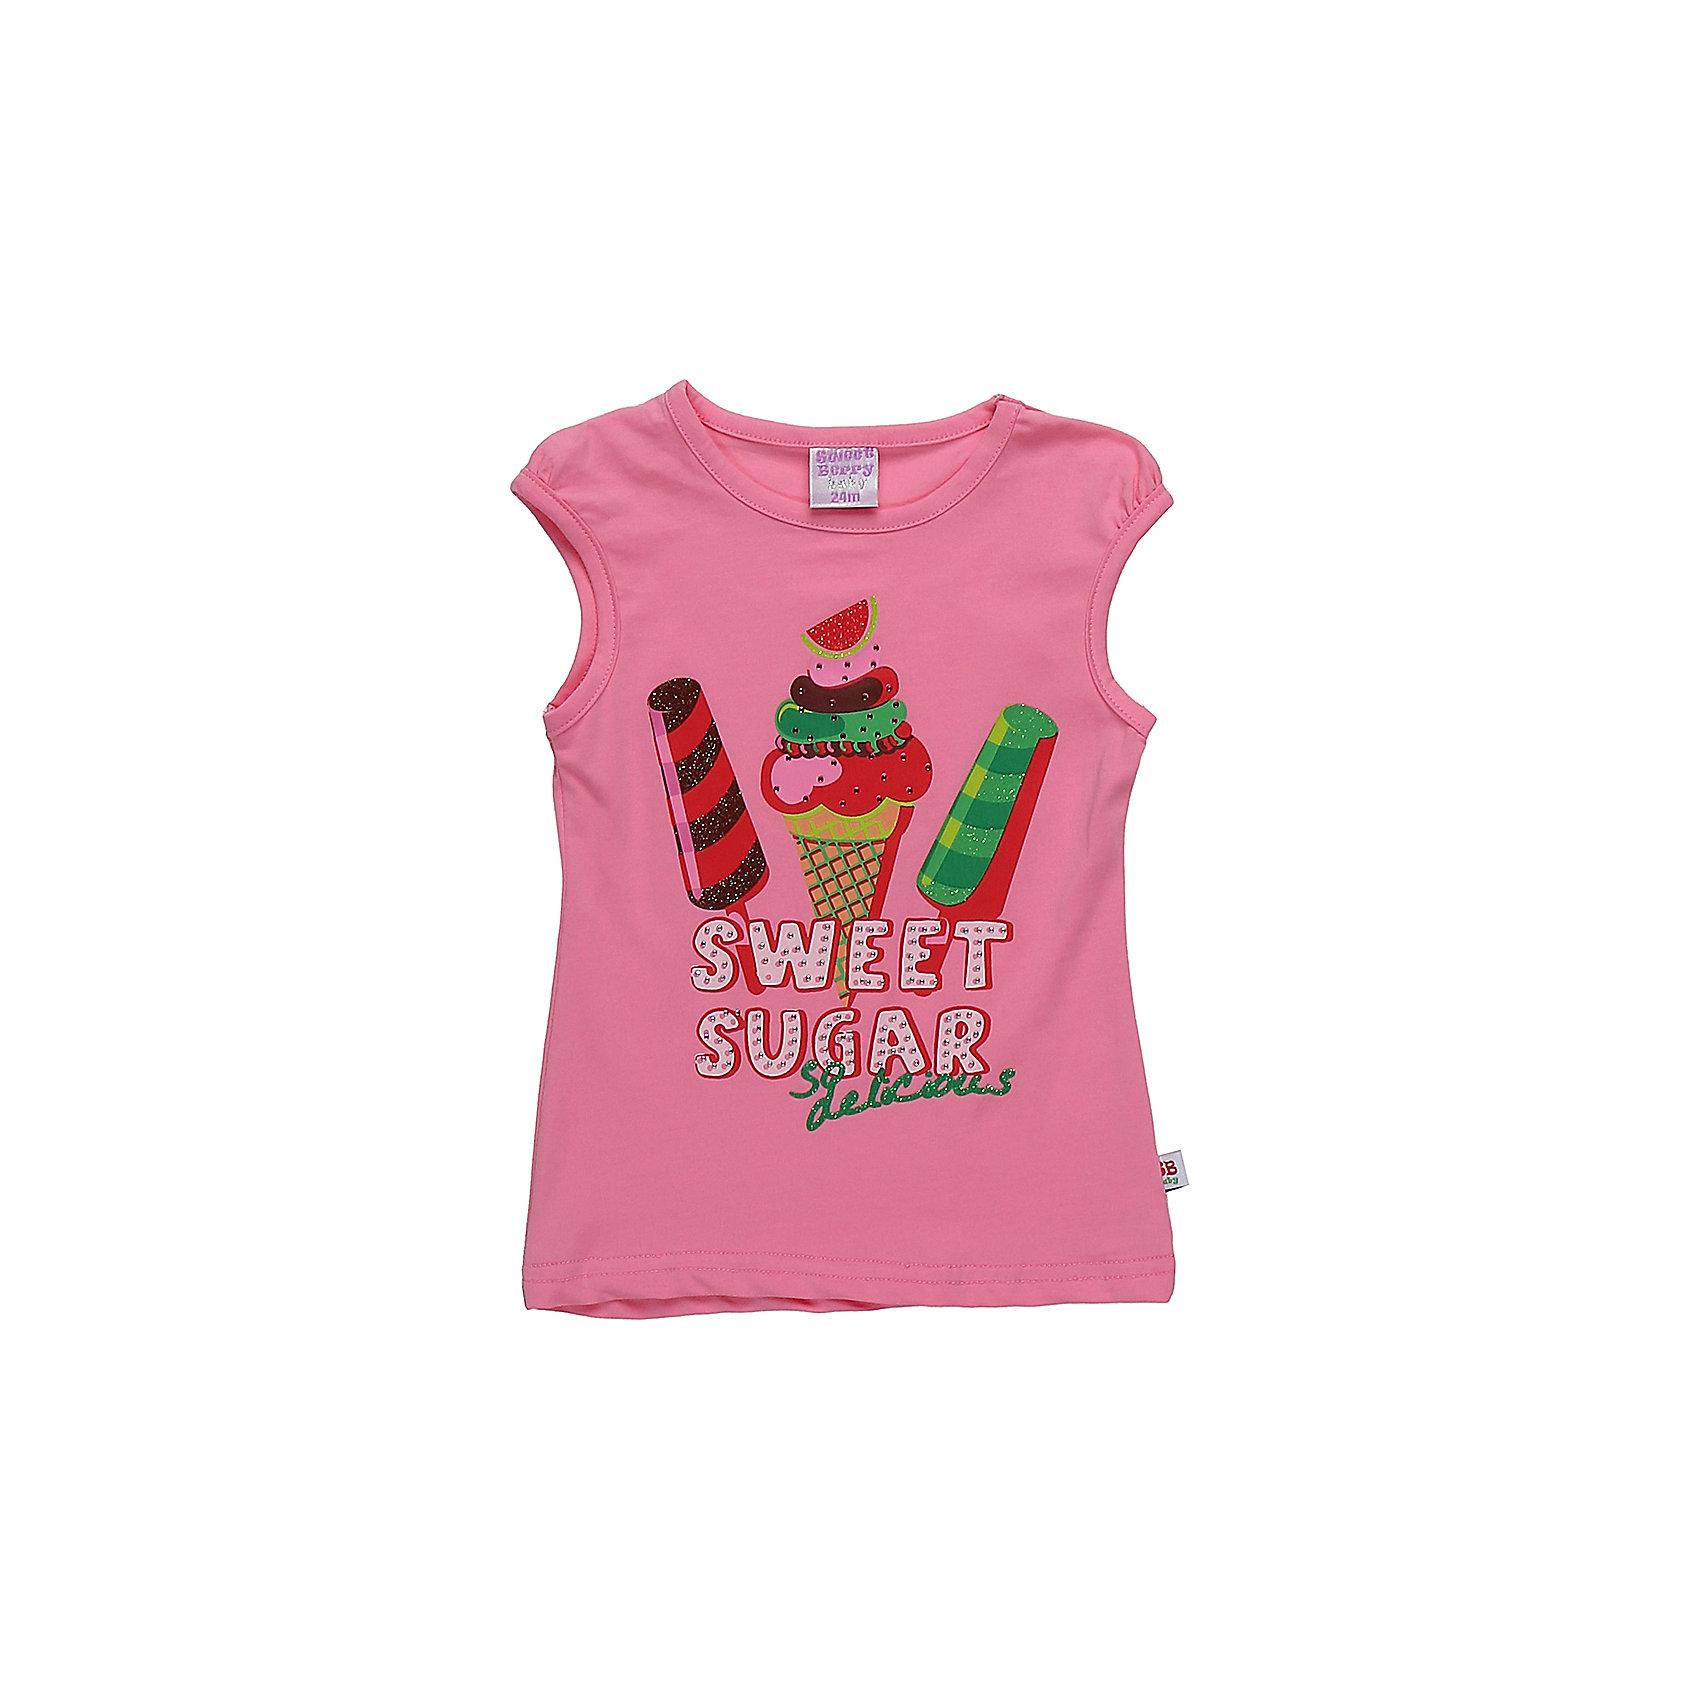 Футболка для девочки Sweet BerryФутболки, топы<br>Яркая трикотажная футболка для девочки декорированная оригинальным принтом.<br>Состав:<br>95%хлопок 5%эластан<br><br>Ширина мм: 199<br>Глубина мм: 10<br>Высота мм: 161<br>Вес г: 151<br>Цвет: розовый<br>Возраст от месяцев: 12<br>Возраст до месяцев: 15<br>Пол: Женский<br>Возраст: Детский<br>Размер: 80,86,92,98<br>SKU: 5411296